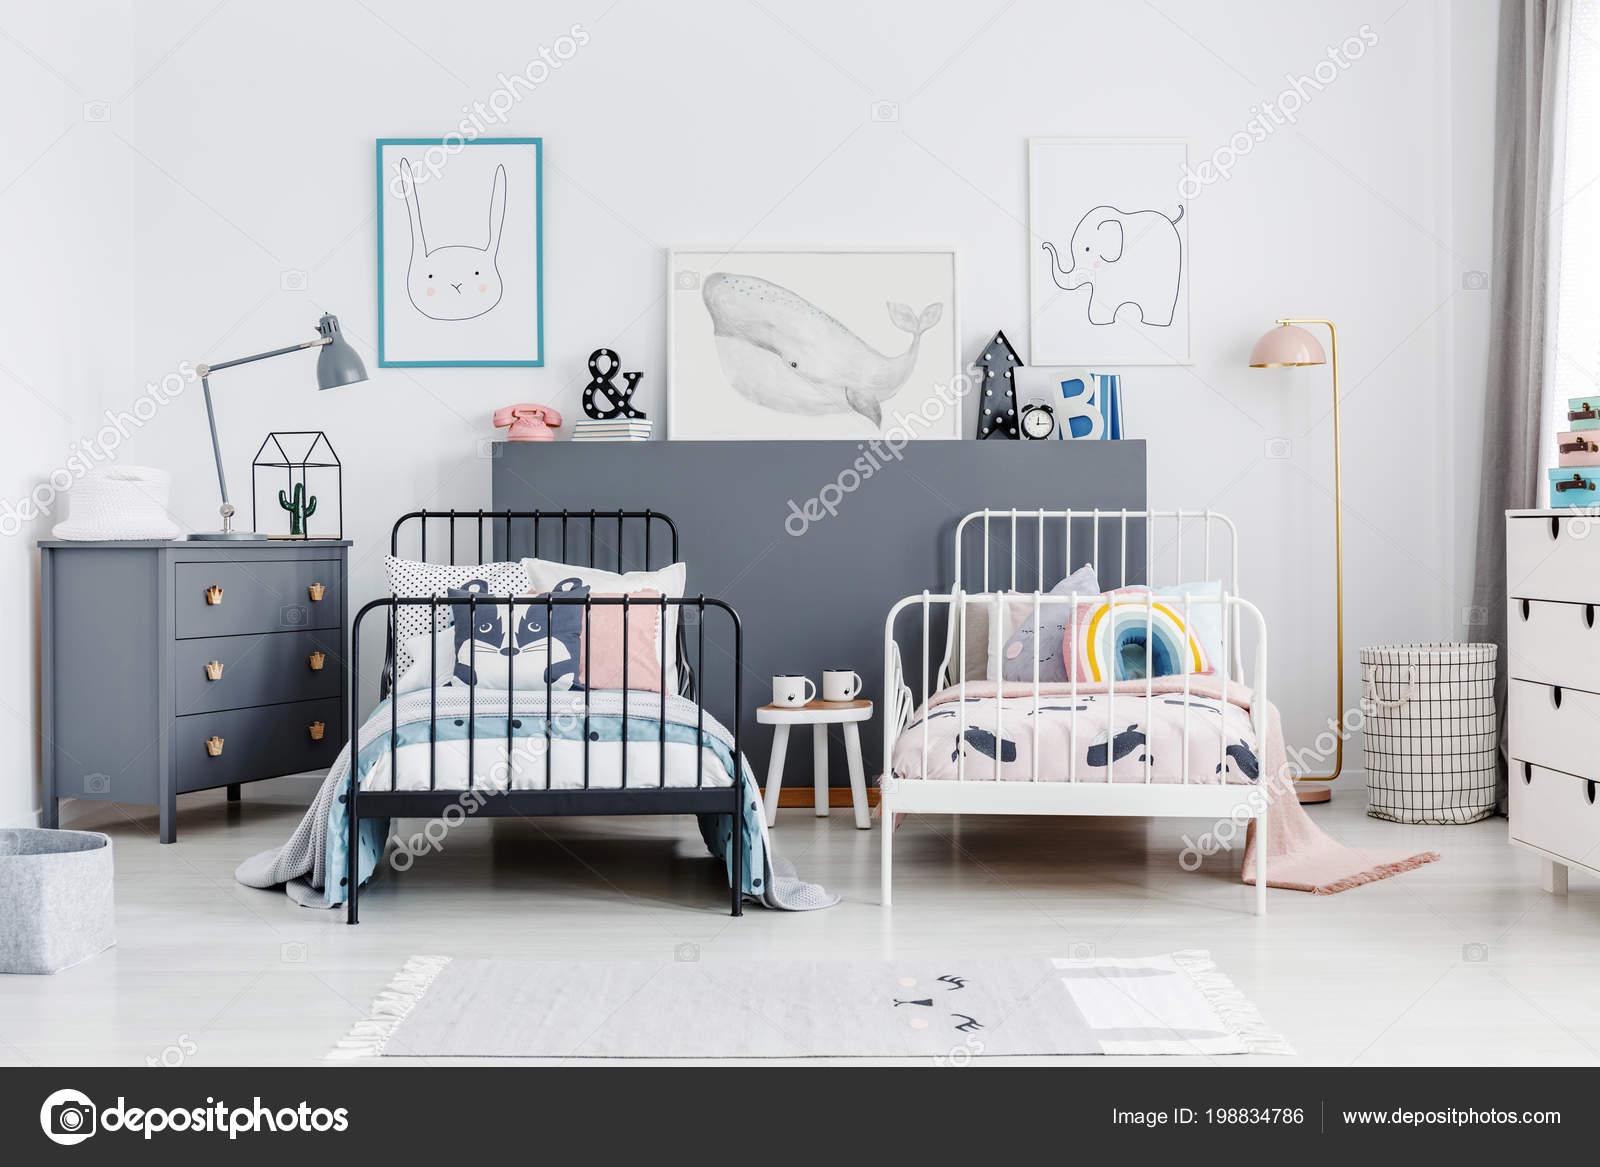 Slaapkamer Lamp Kind : Zwart wit bedden kleurrijke kinderen slaapkamer interieur met